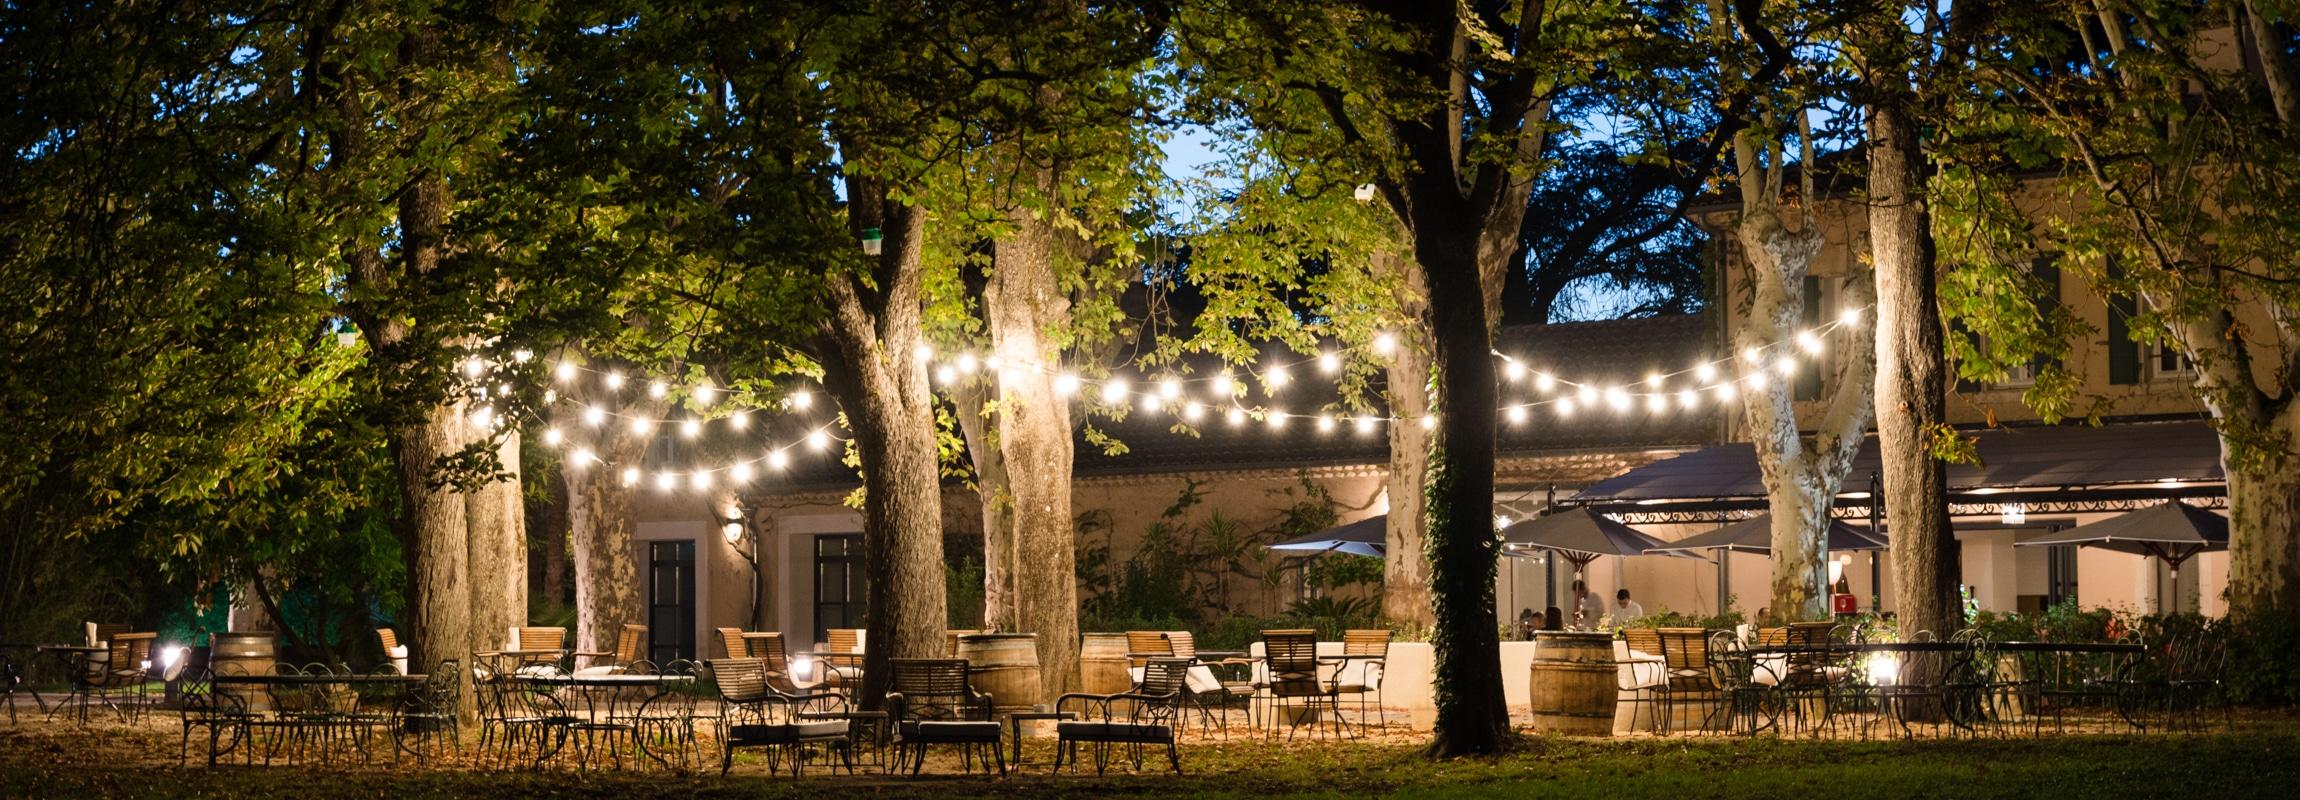 Notre parc offre de nombreuses possibilités pour organiser votre événement - par exemple sous les puissants marronniers